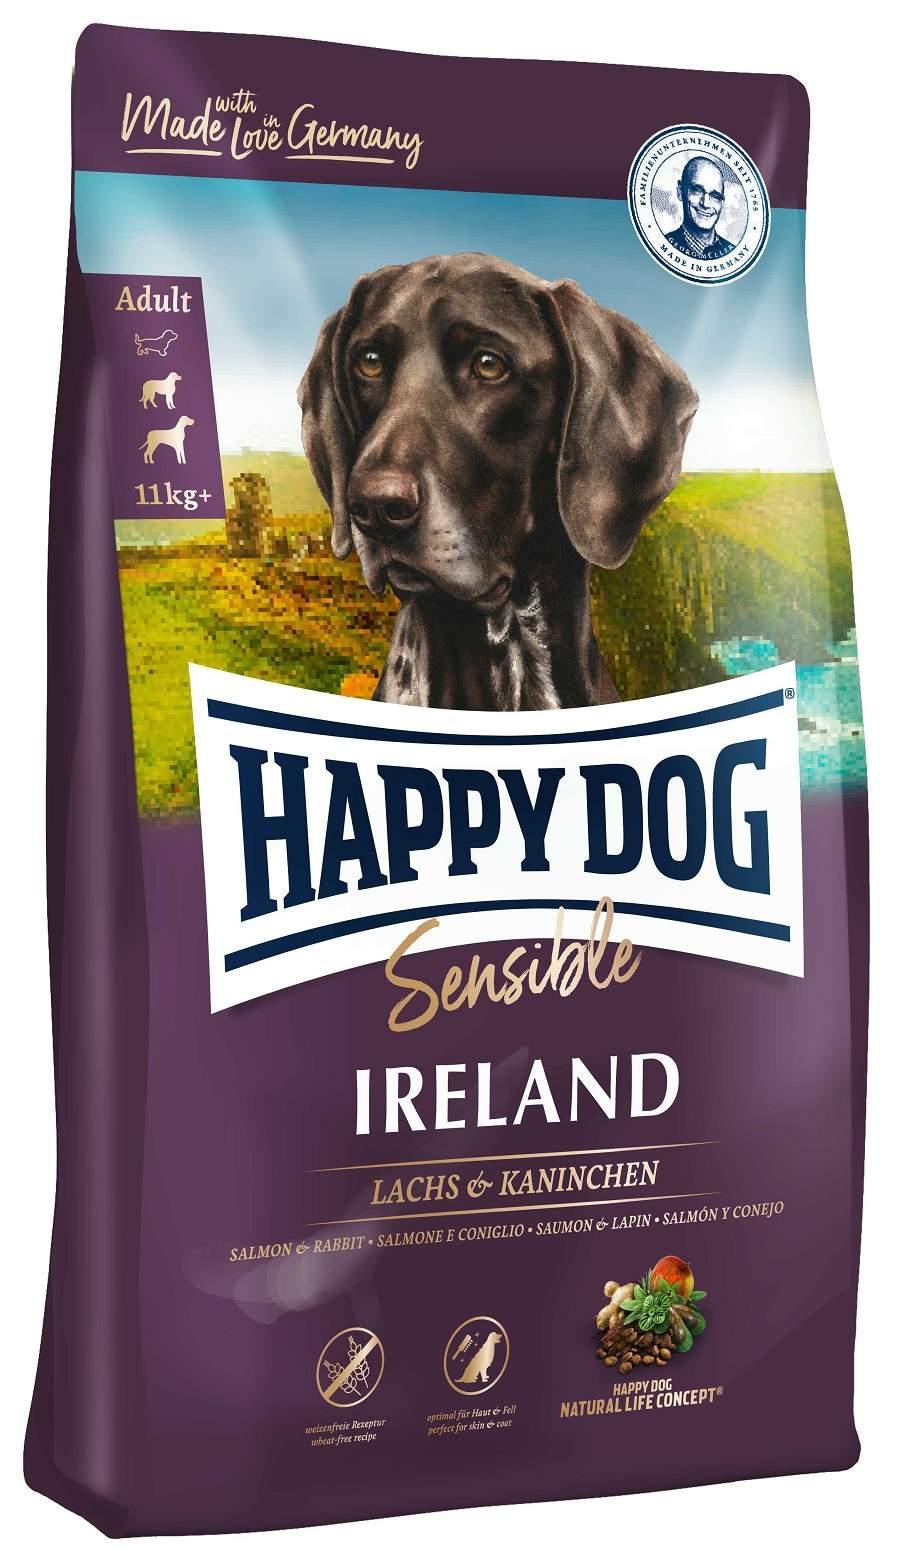 Миниатюра Сухой корм для собак Happy Dog Supreme Sensible Irland, кролик, лосось, 12,5кг №1